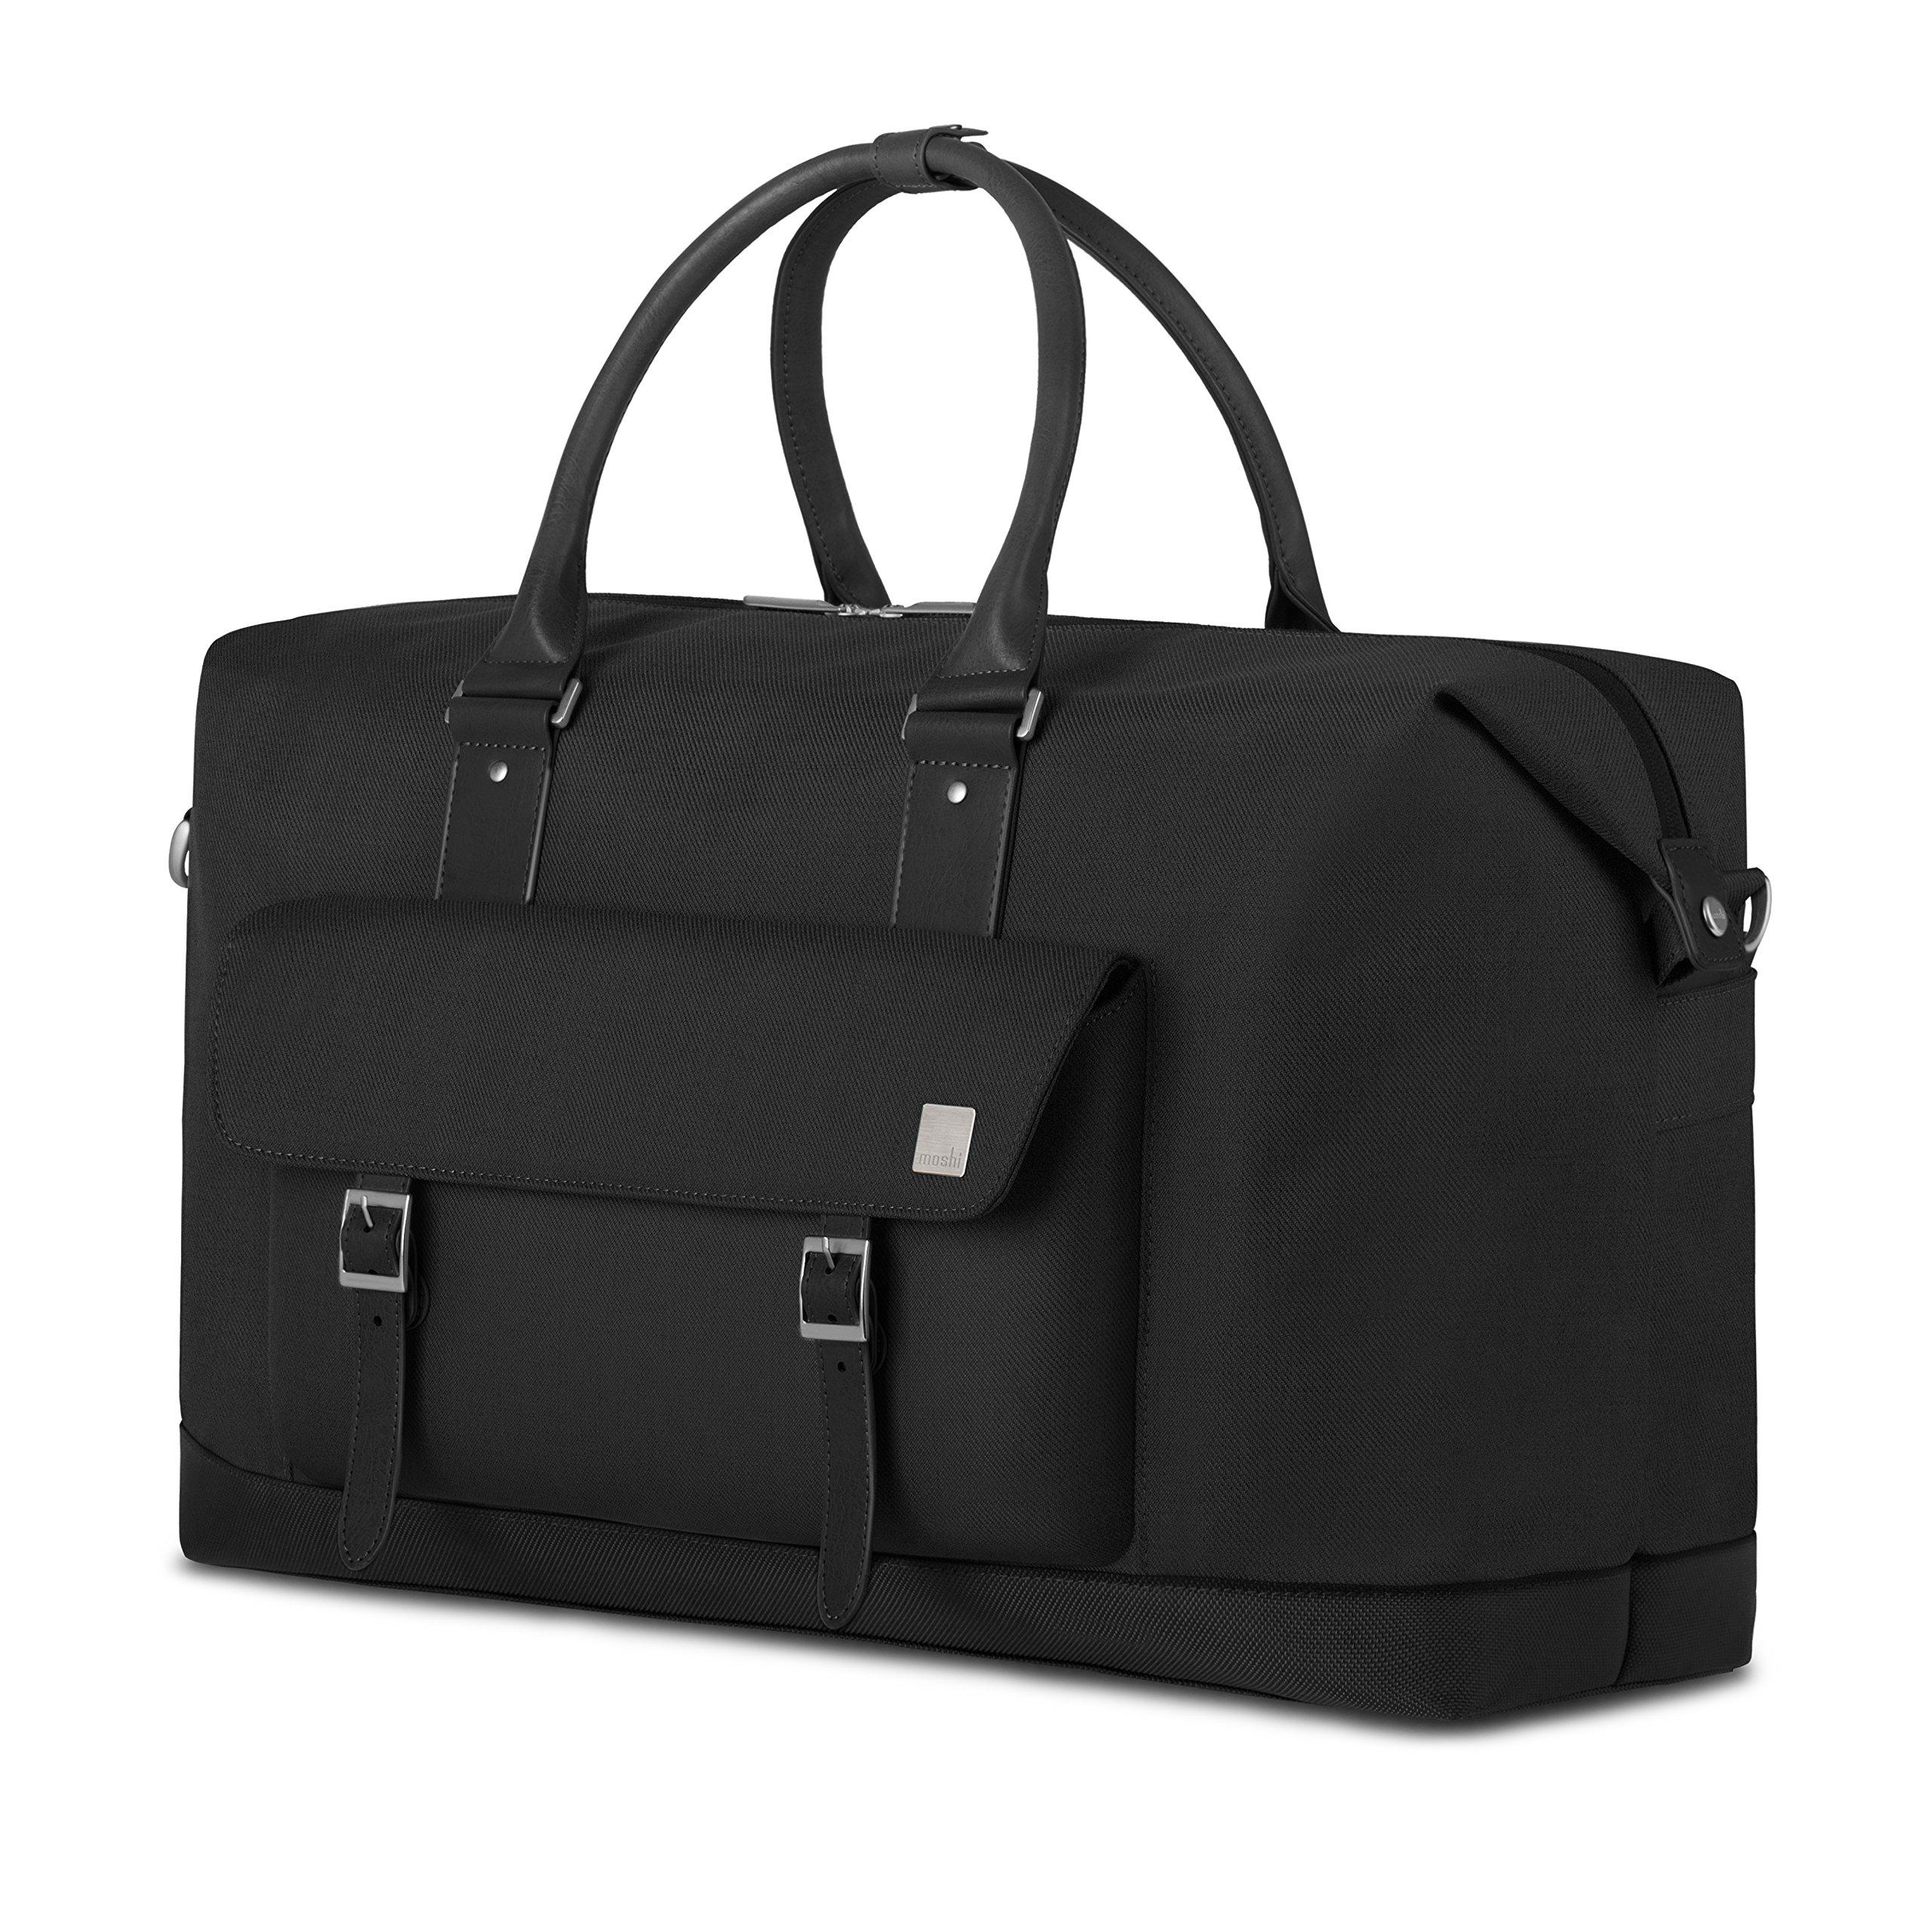 Moshi Vacanza Shoulder Bag - Black